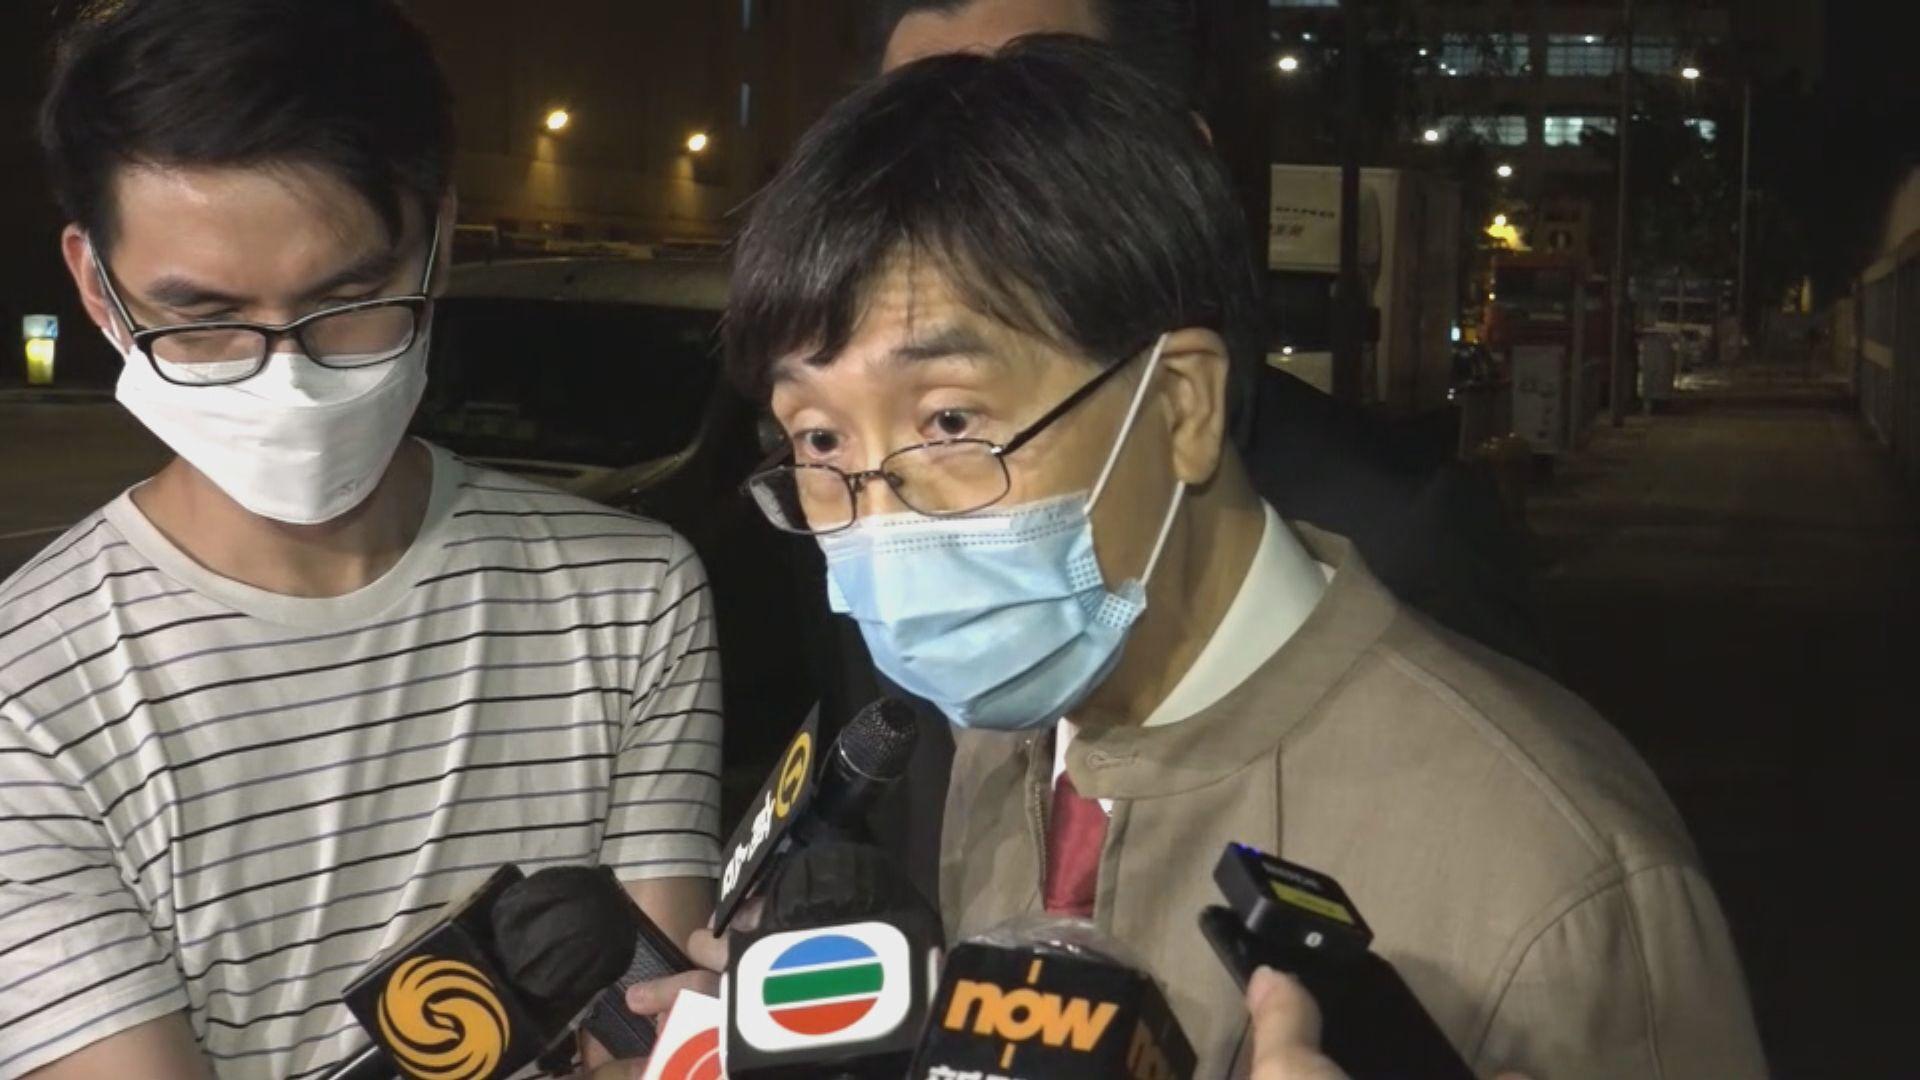 袁國勇:不排除化驗過程中污染其他樣本 造成假陽性